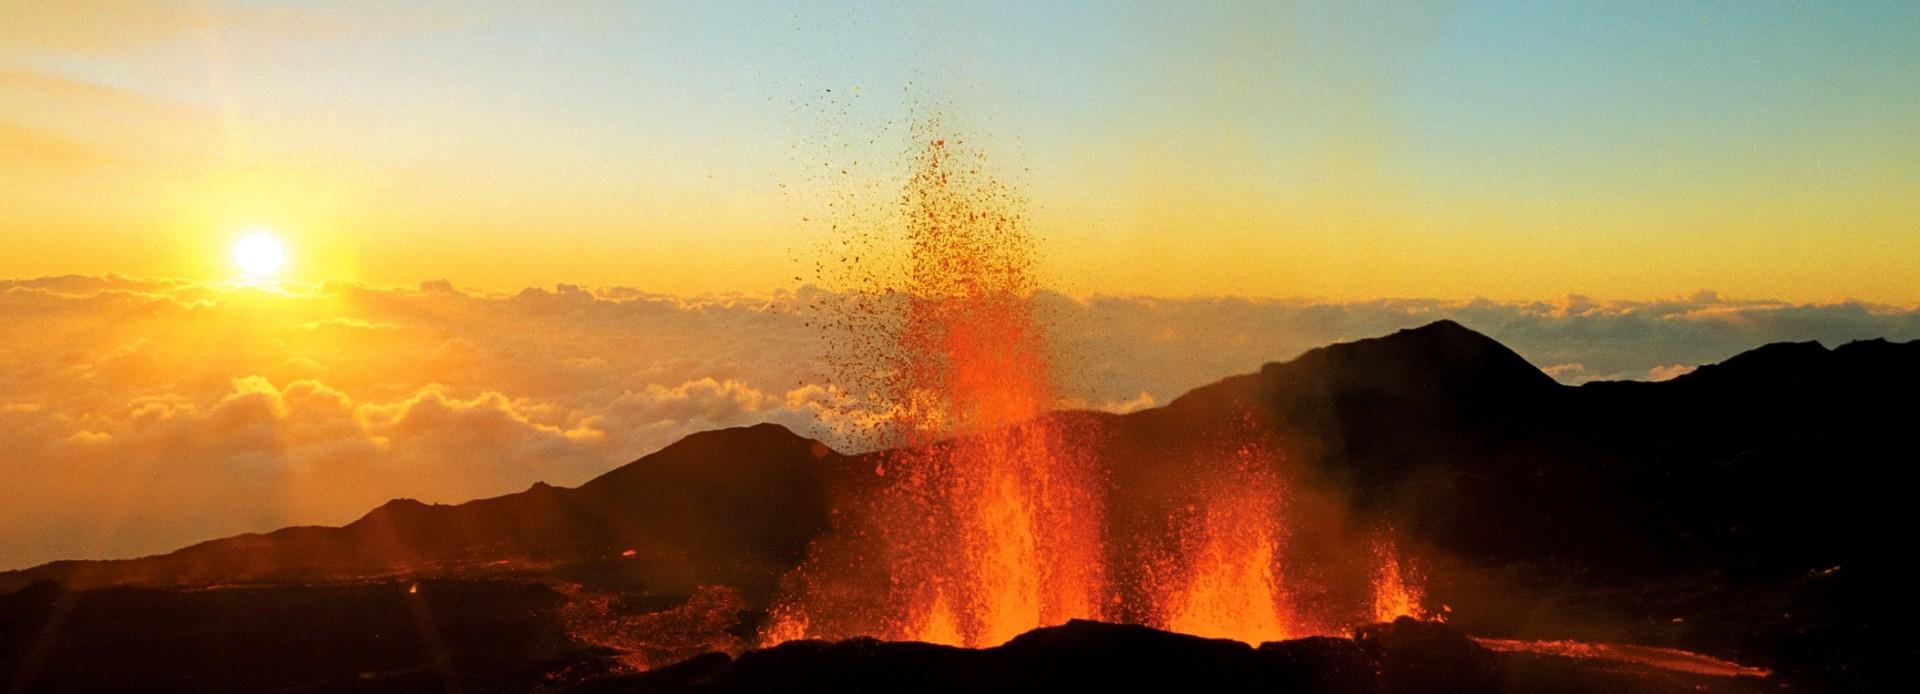 Vulkanausbruch am Piton de la Fournaise